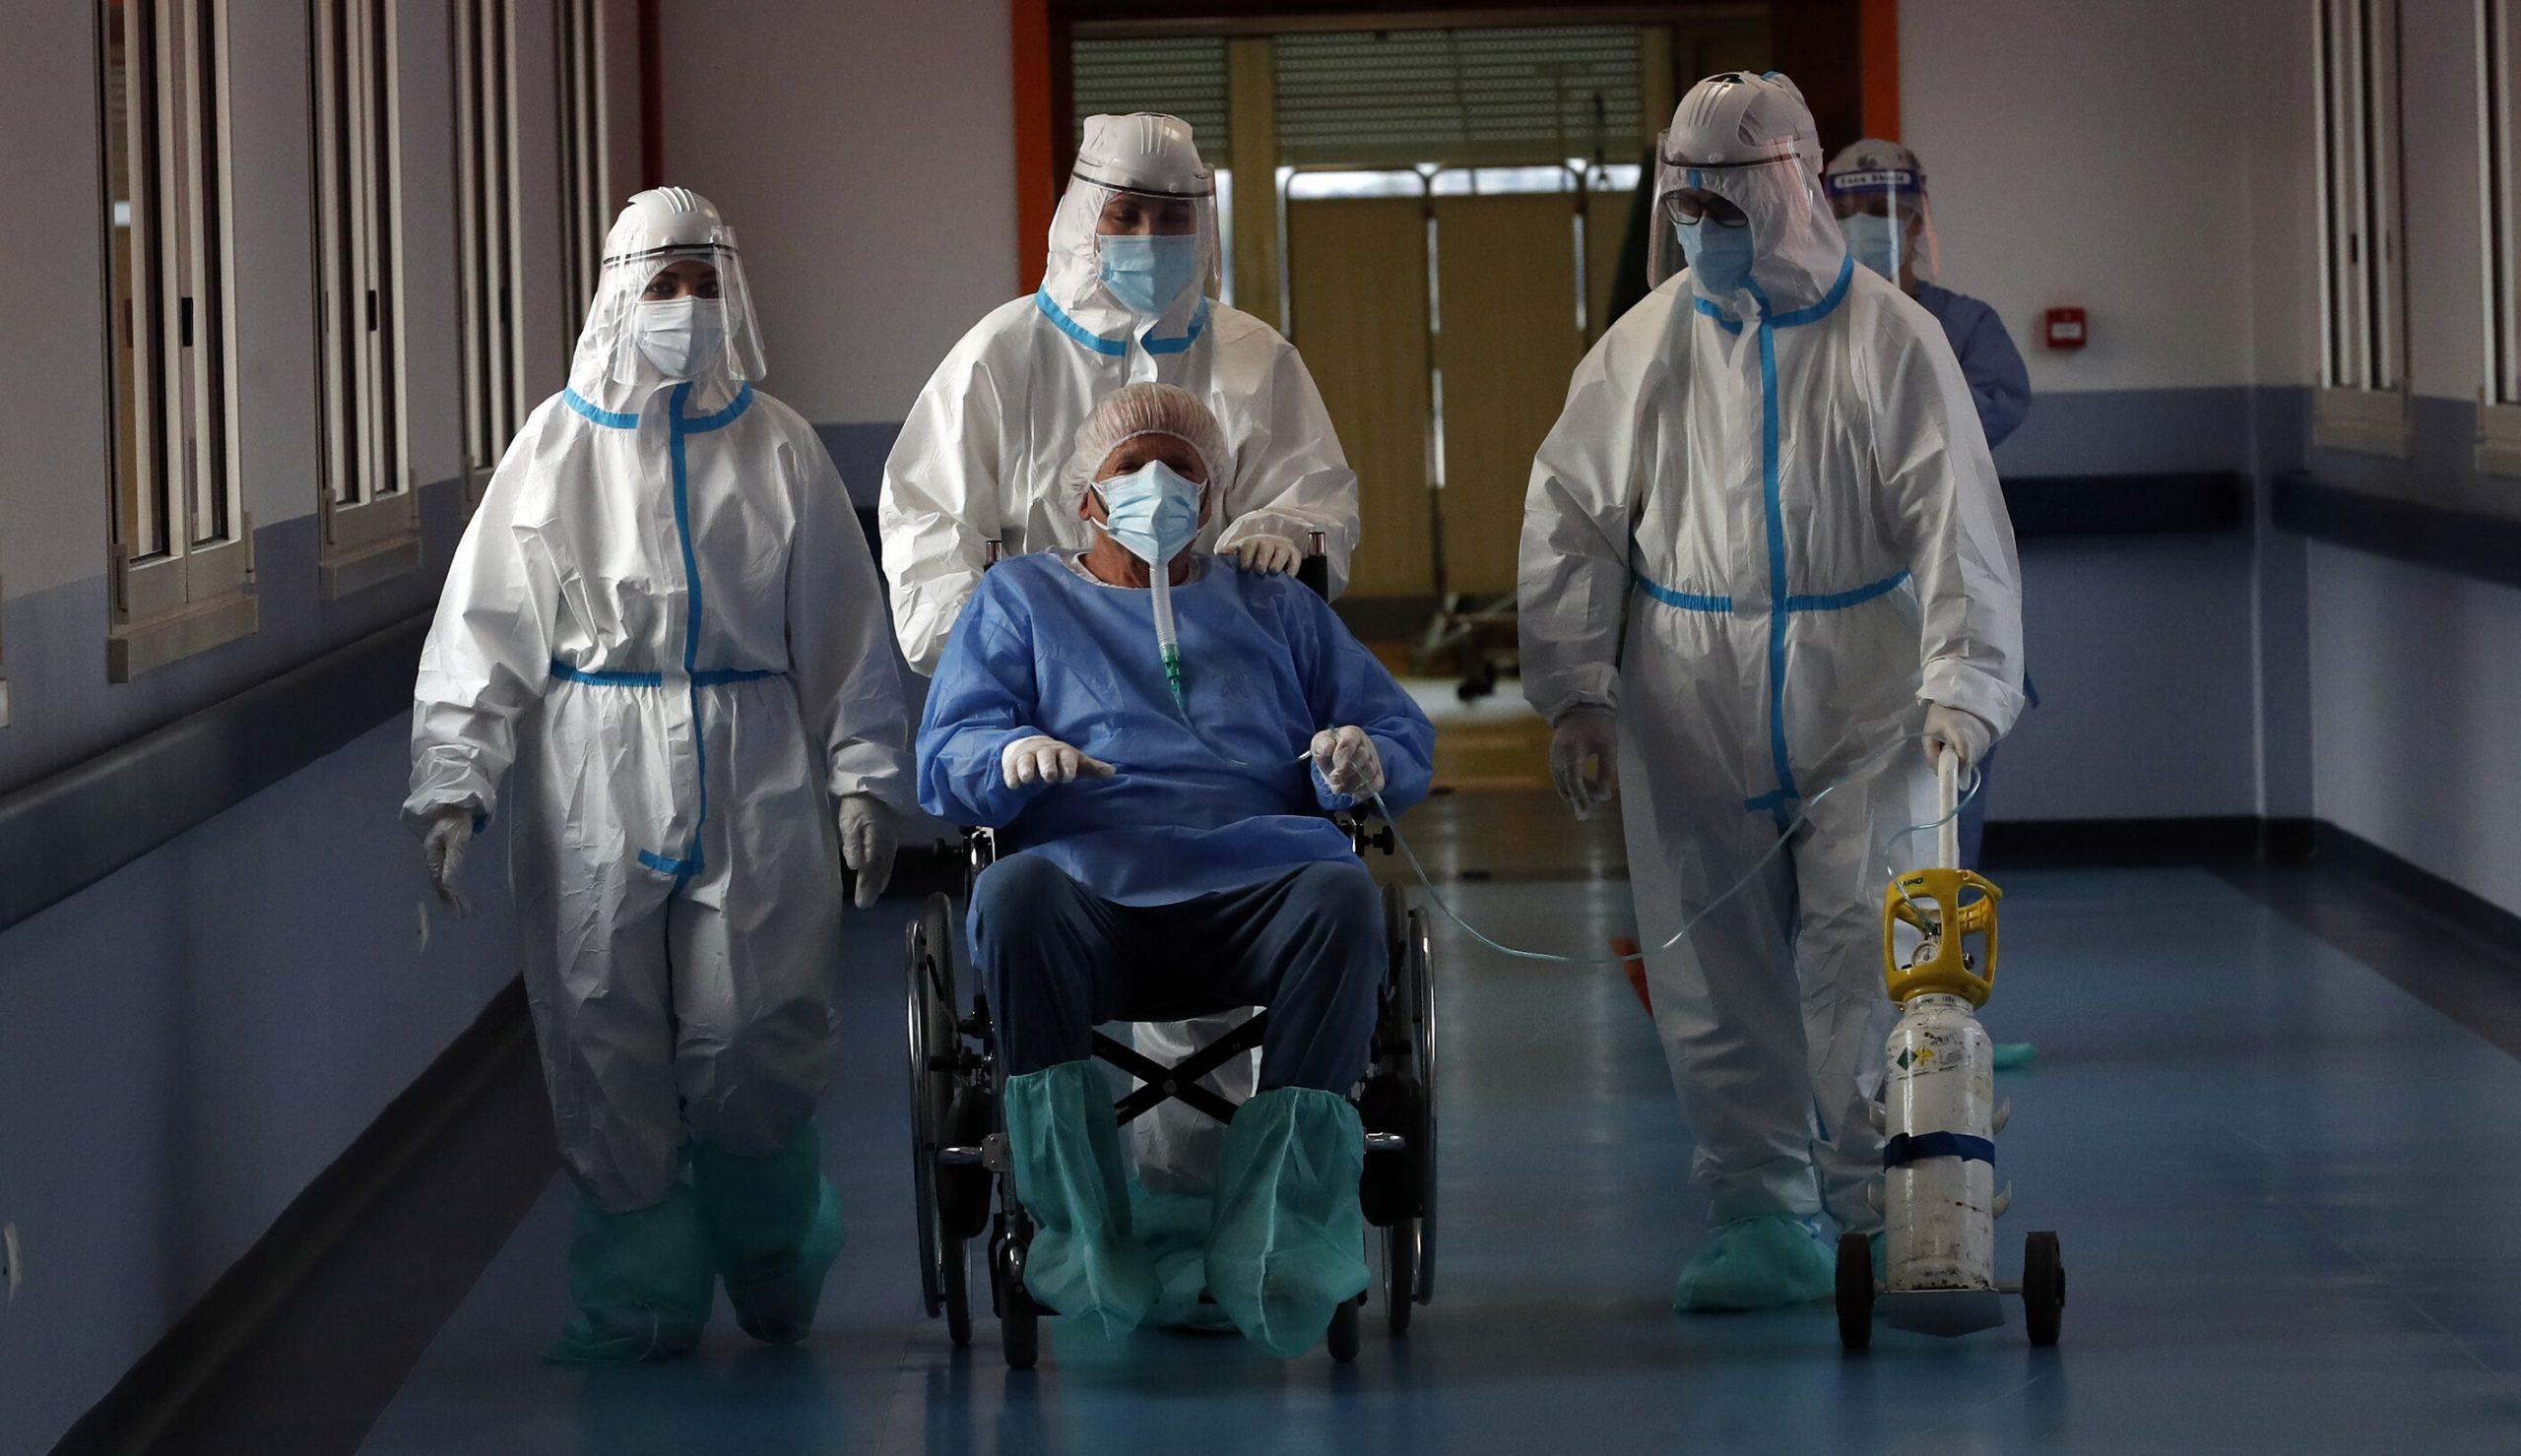 Cu ce antivirale sunt tratați bolnavii Covid-19 spitalizați în România. Niciunul nu este aprobat în Uniunea Europeană